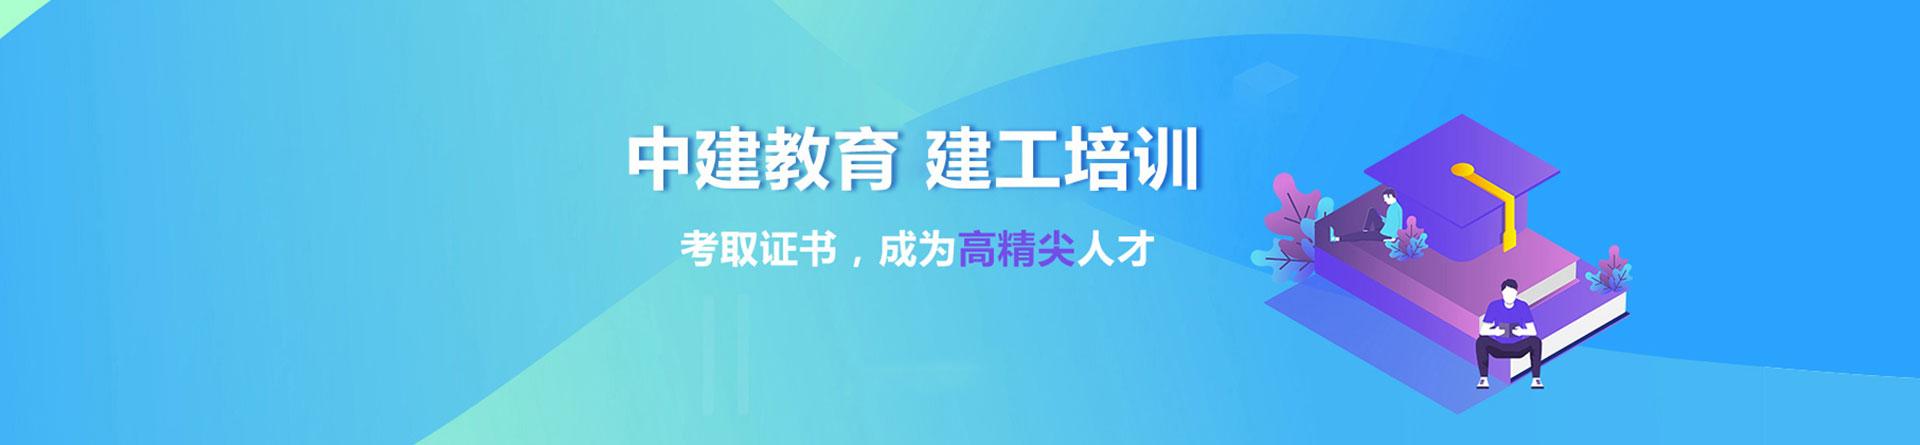 郑州中建教育